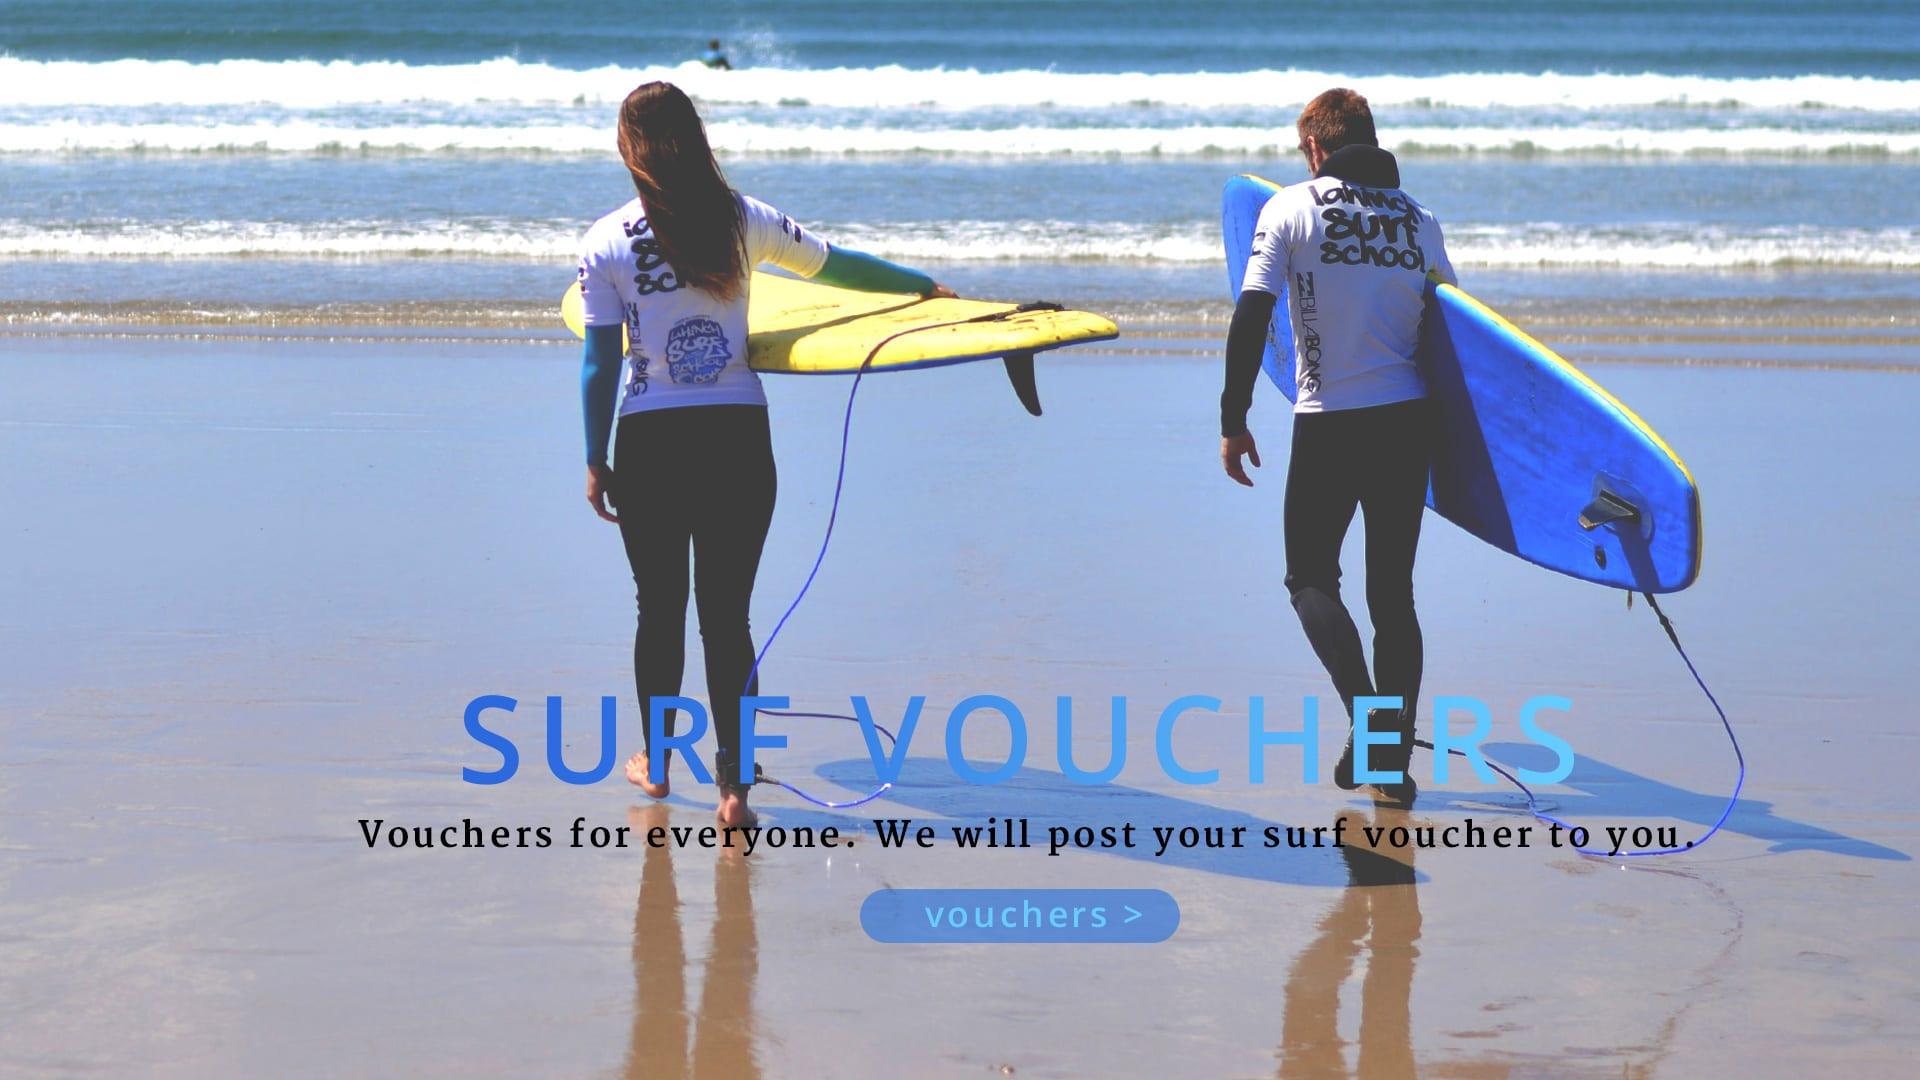 surf-voucher-post